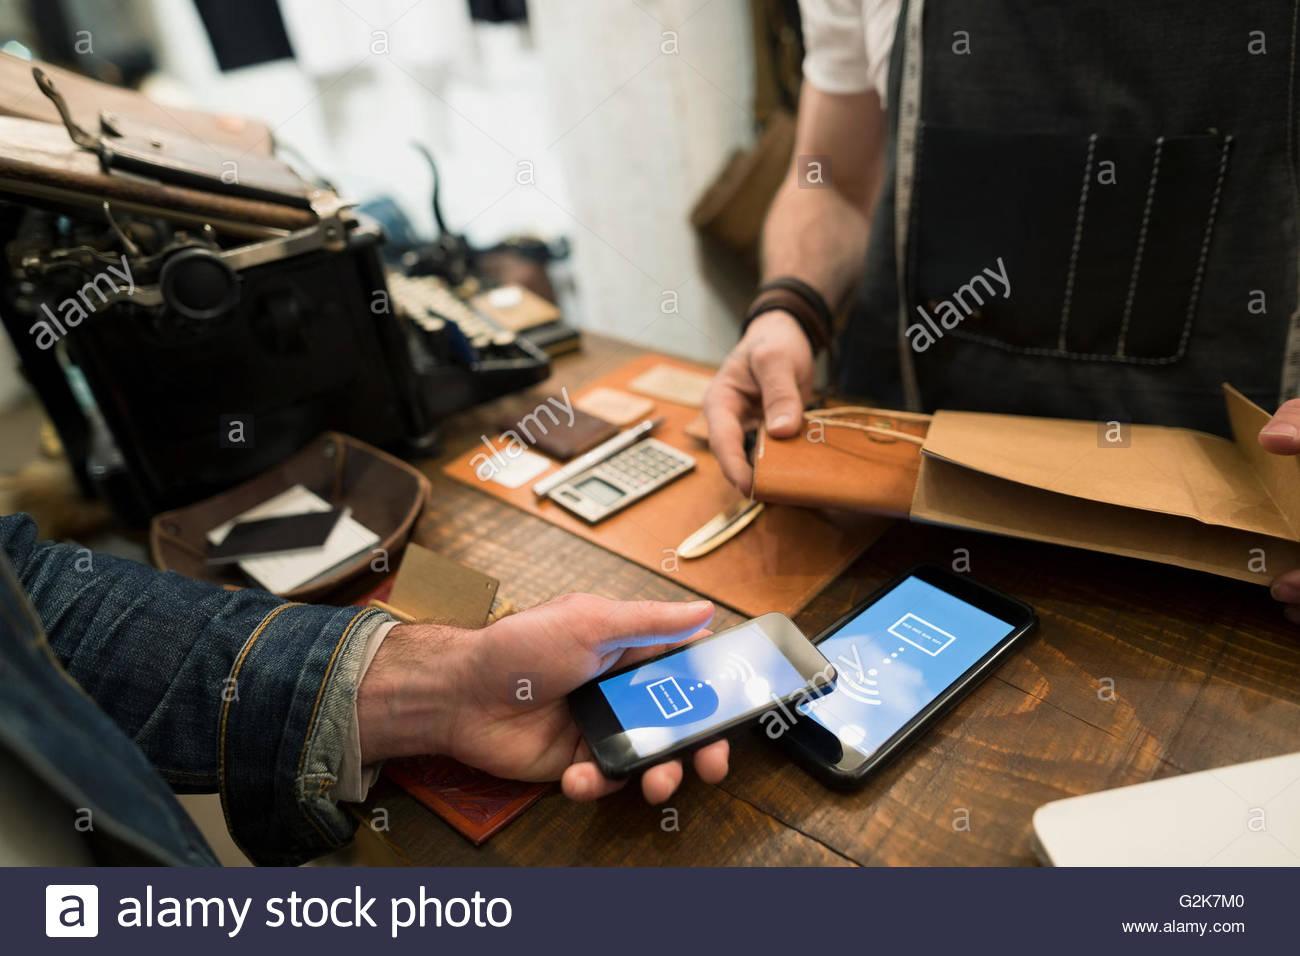 Cliente utilizando el pago sin contacto en leather shop Imagen De Stock